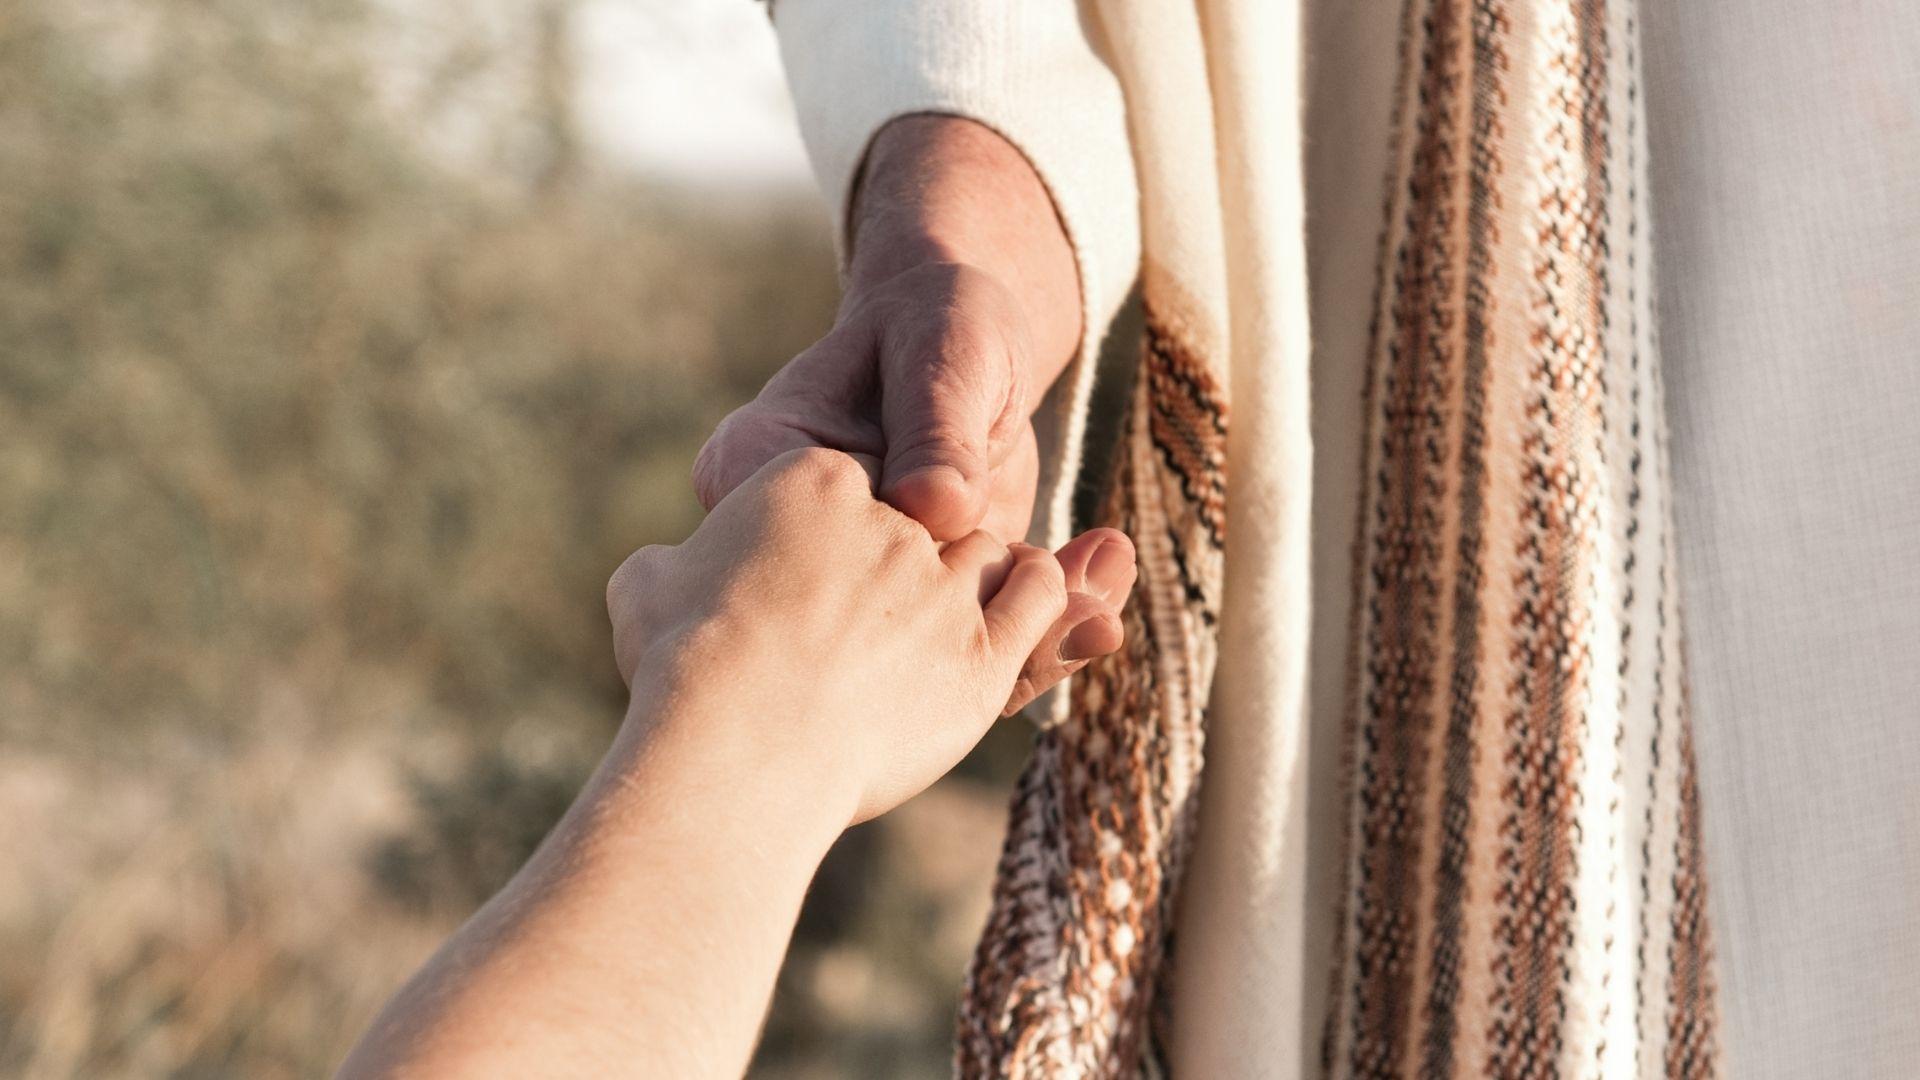 210124-gtj-webb-bli kvar i min kärlek hand jesus öken